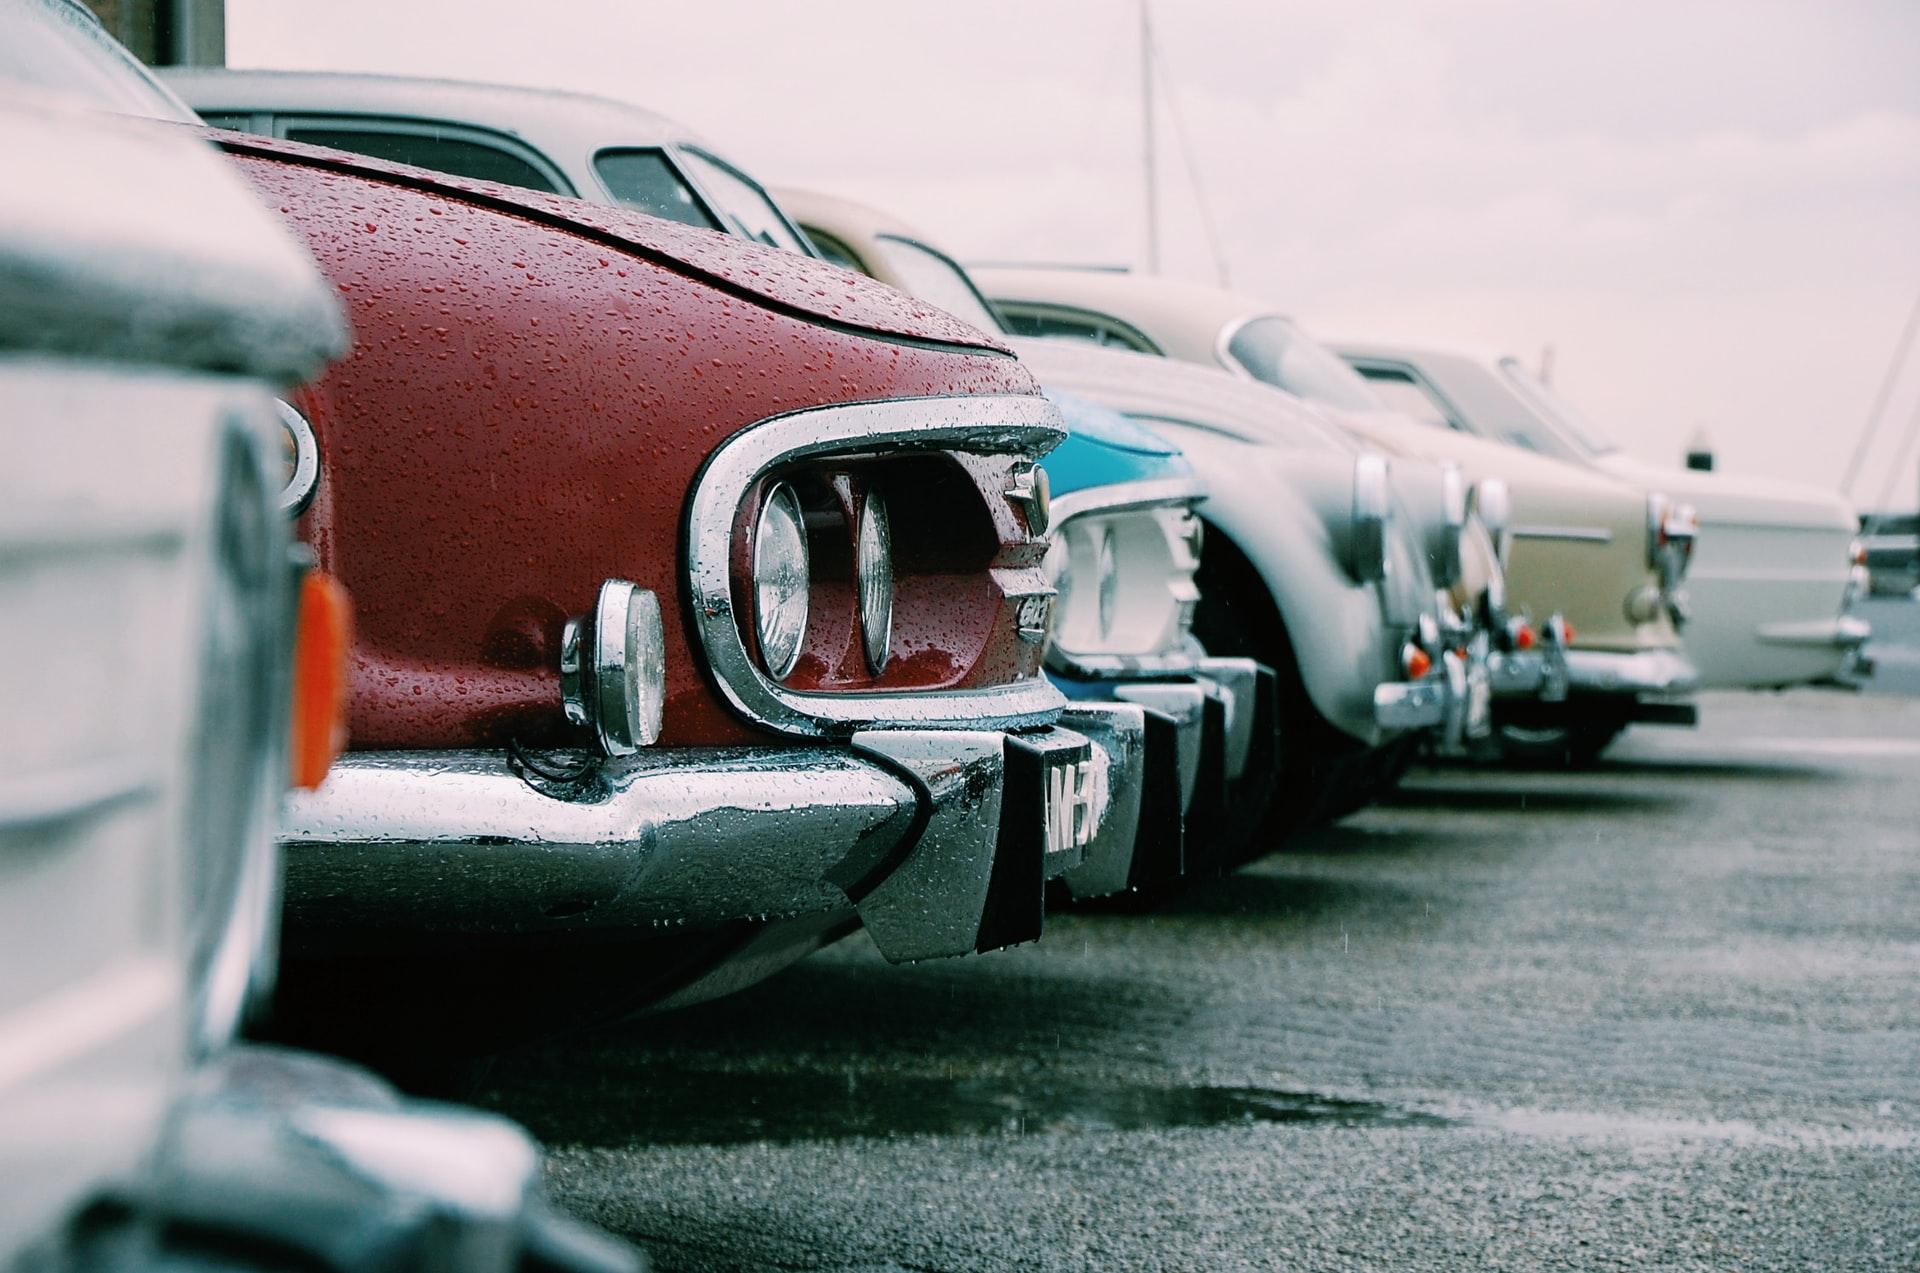 Passo a passo: como comprar carros penhorados?